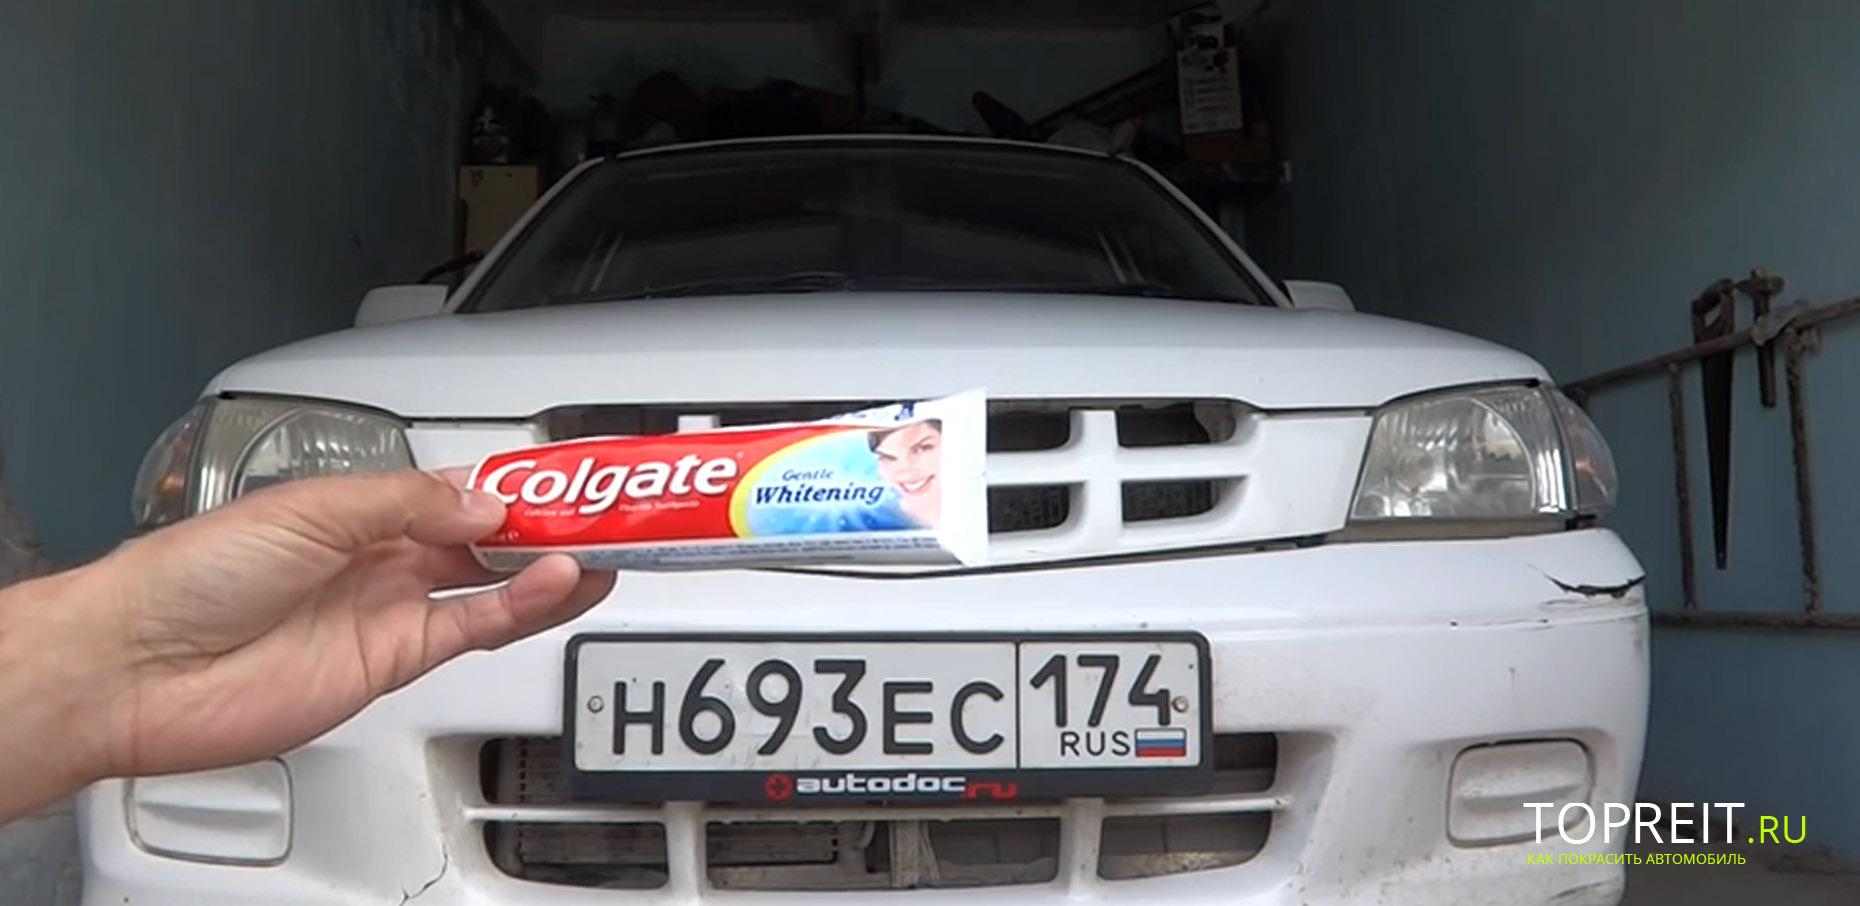 полировка фар зубной пастой колгейт